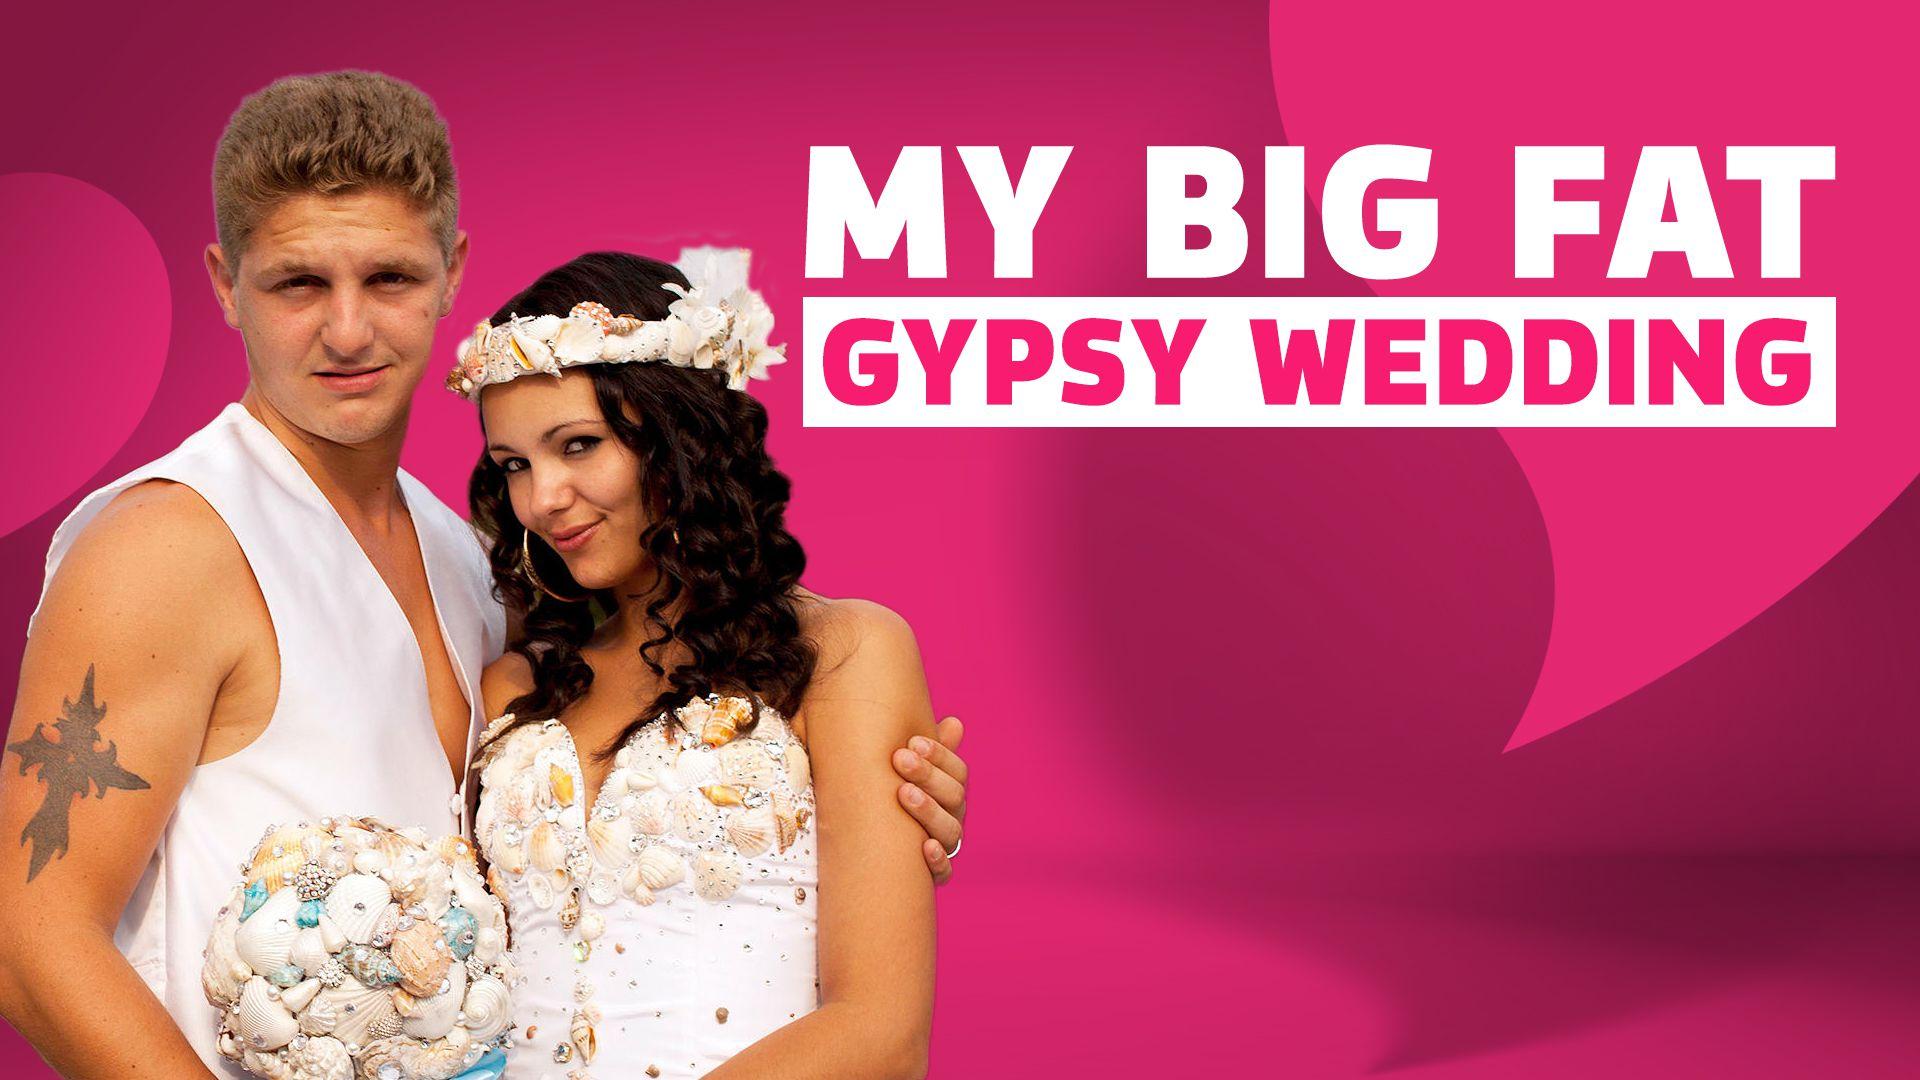 Big Fat Gypsy Wedding.Watch My Big Fat Gypsy Wedding Season 2 Catch Up Tv